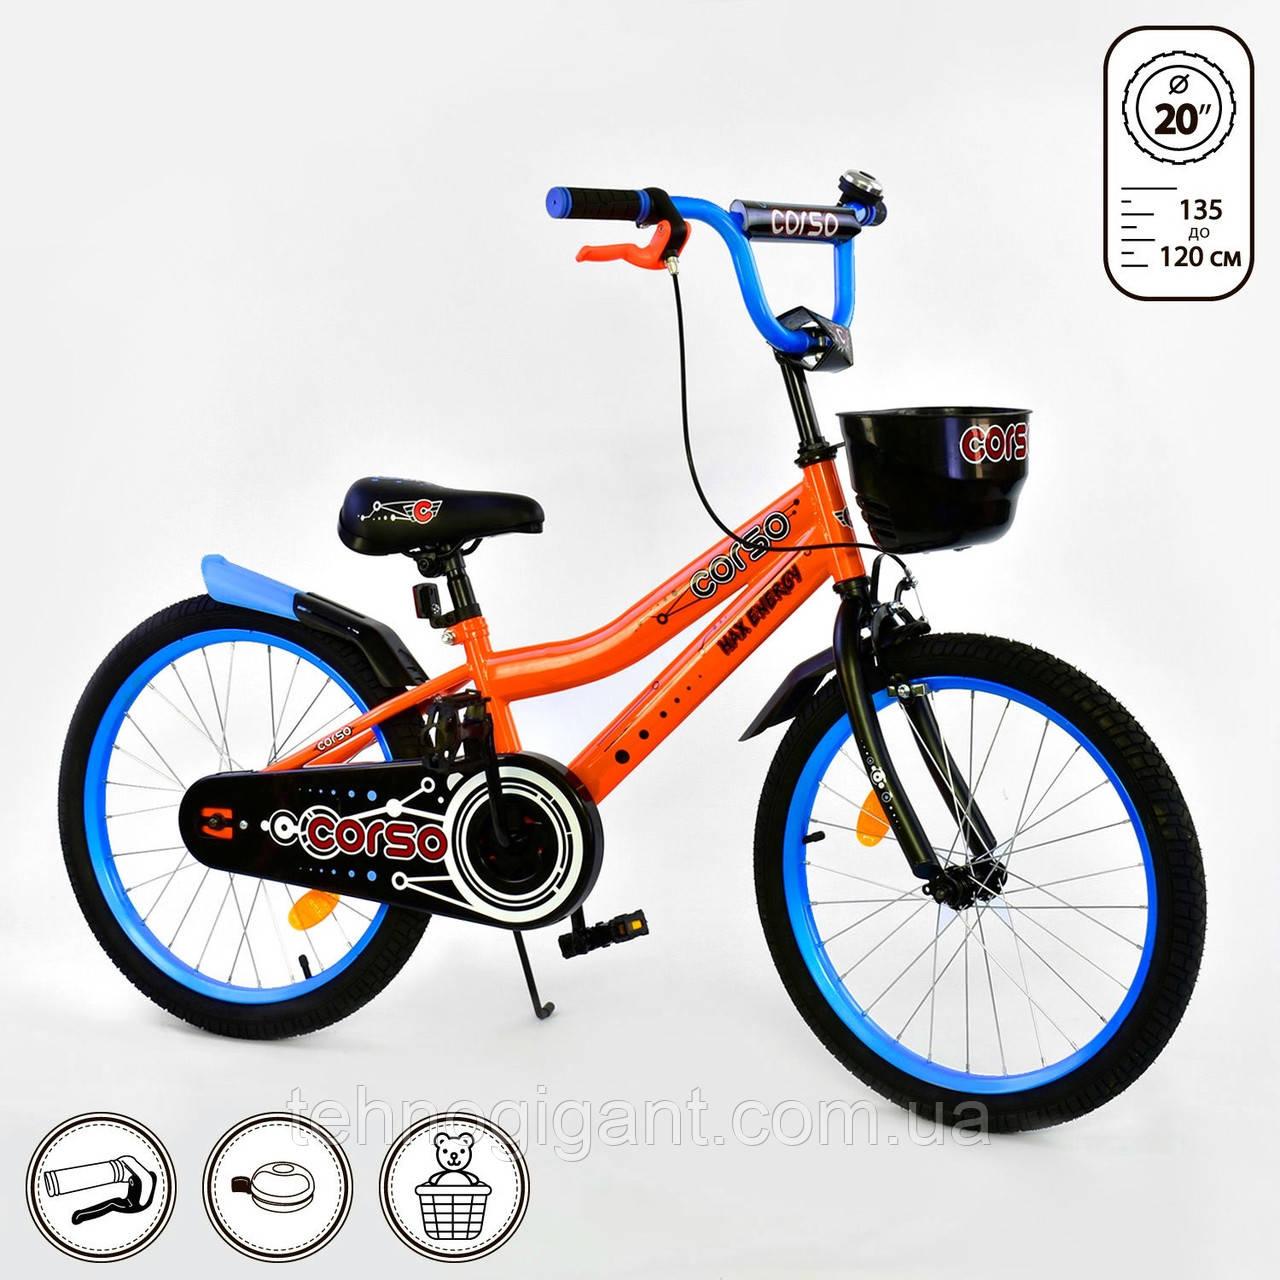 """Велосипед 20"""" дюймов 2-х колёсный """"CORSO"""" Оранжевый, ручной тормоз, звоночек, корзинка, подножка"""